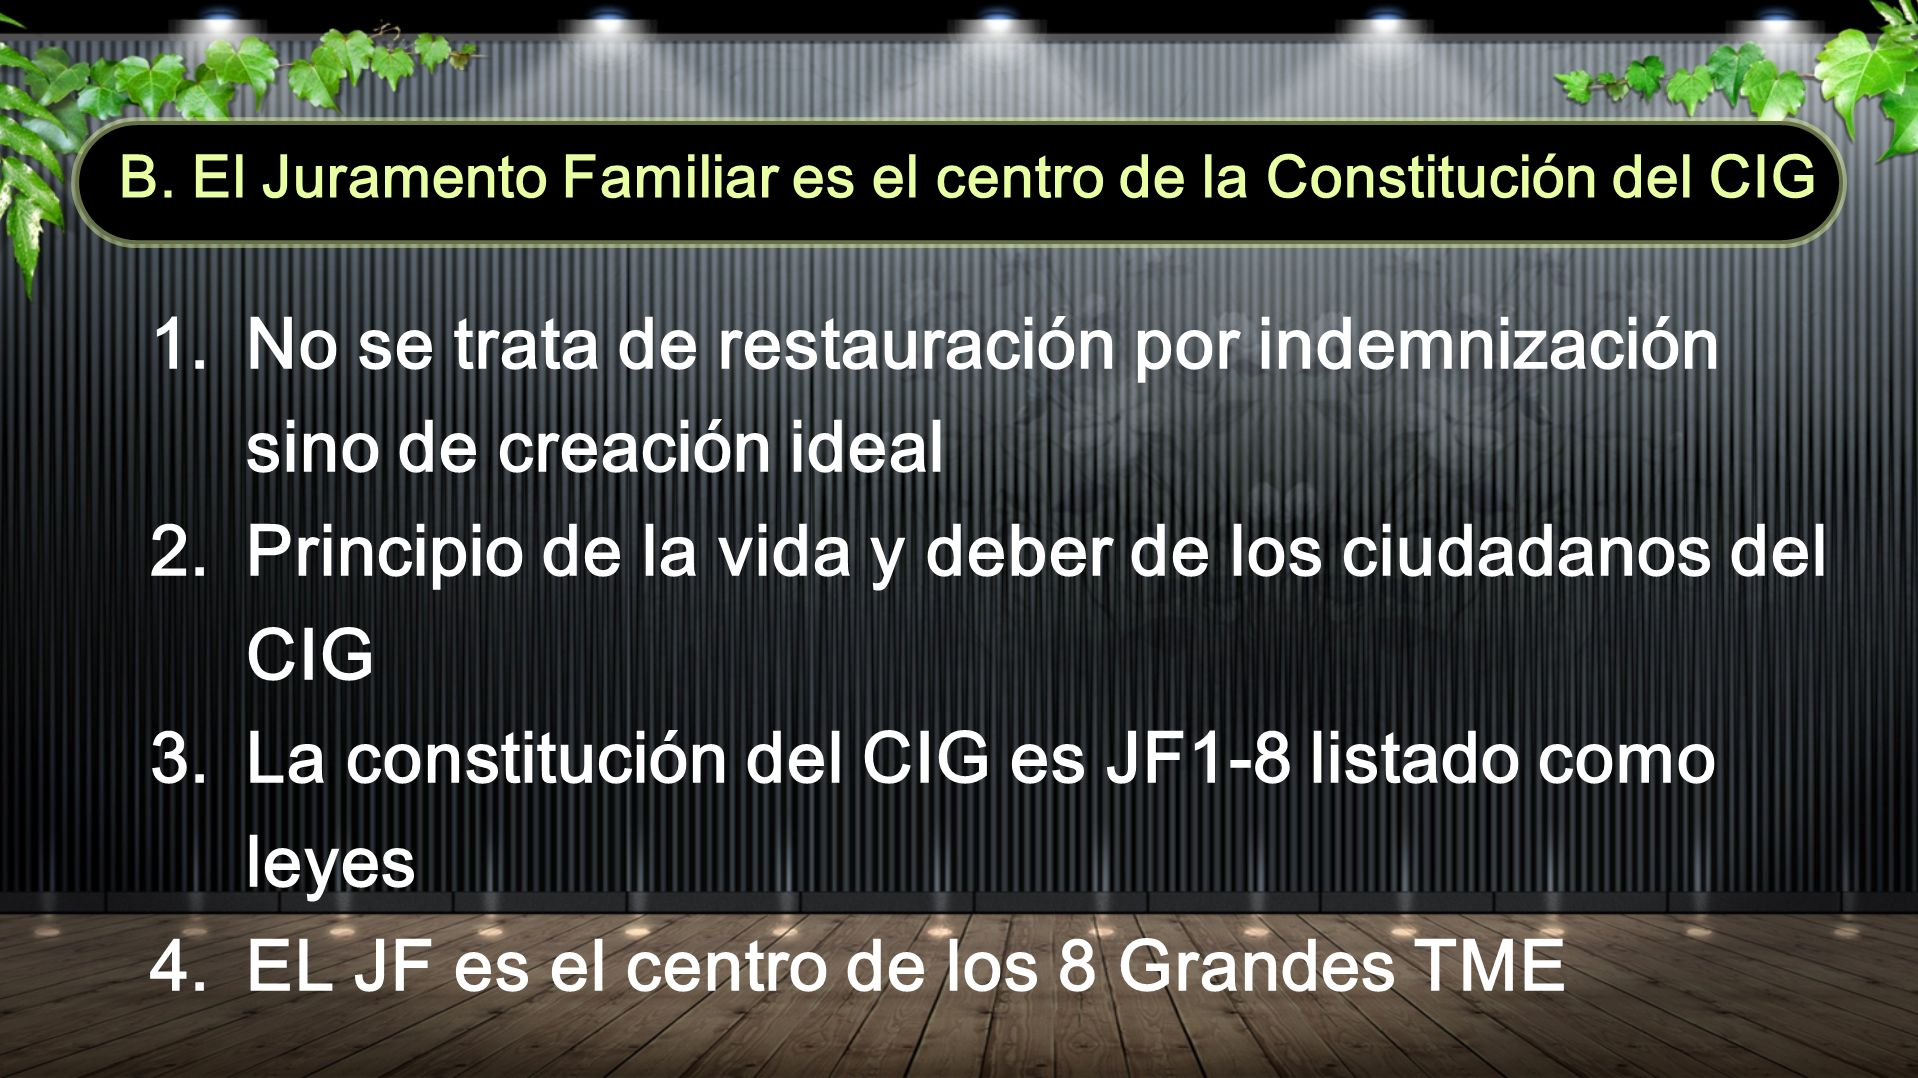 1.No se trata de restauración por indemnización sino de creación ideal 2.Principio de la vida y deber de los ciudadanos del CIG 3.La constitución del CIG es JF1-8 listado como leyes 4.EL JF es el centro de los 8 Grandes TME B.